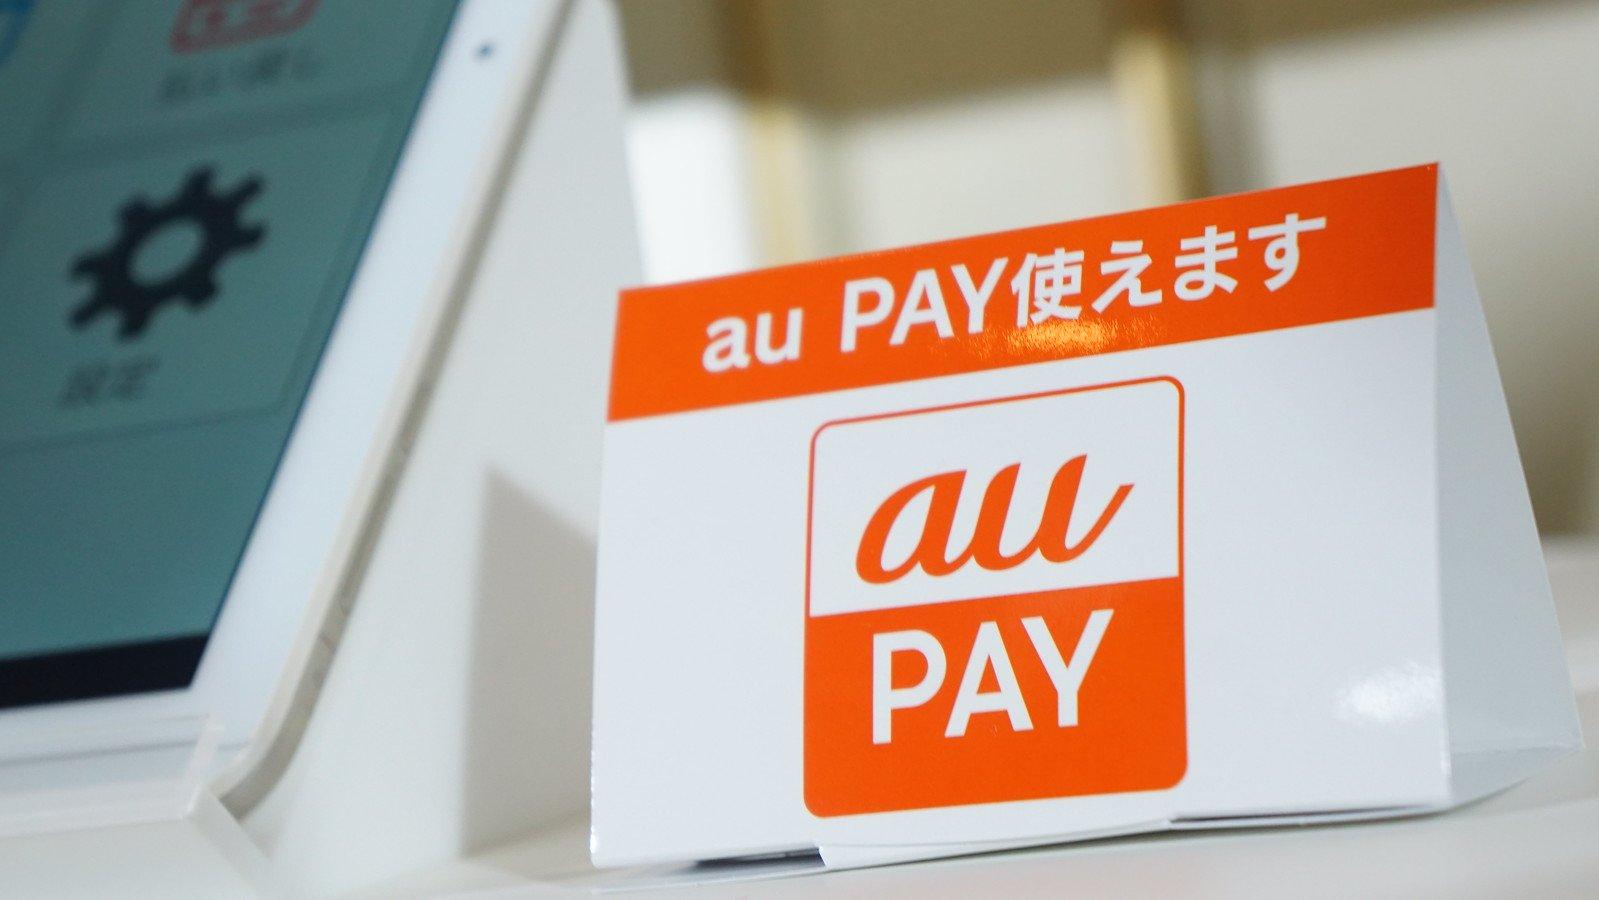 au PAYの使い方を解説〜チャージ方法や使えるお店、キャンペーンも